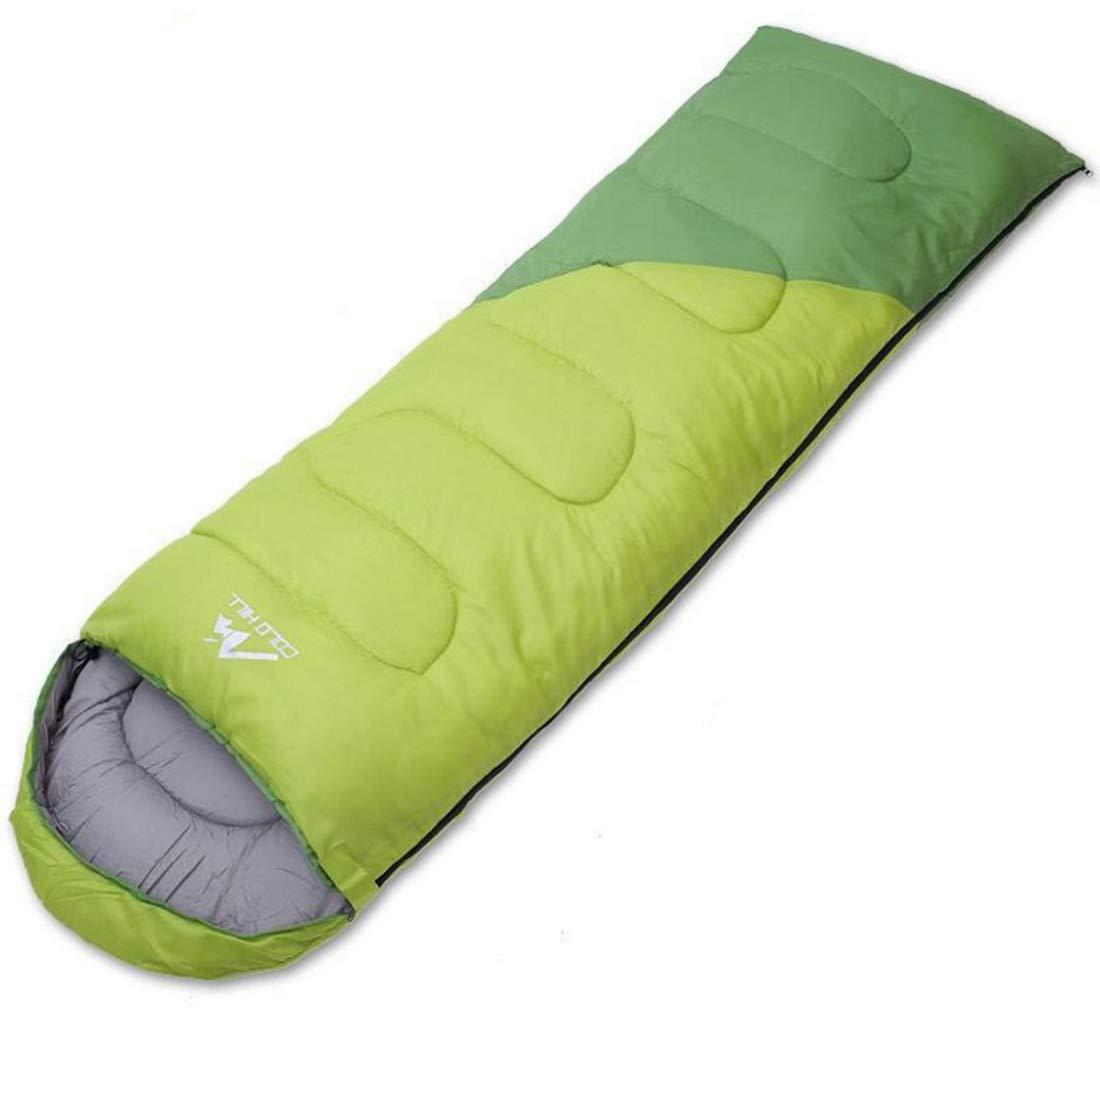 vert 2.0kg UICICI Sac de Couchage en Coton Adulte Sac de Couchage Universel Quatre Saisons pouvant être Cousu Vert